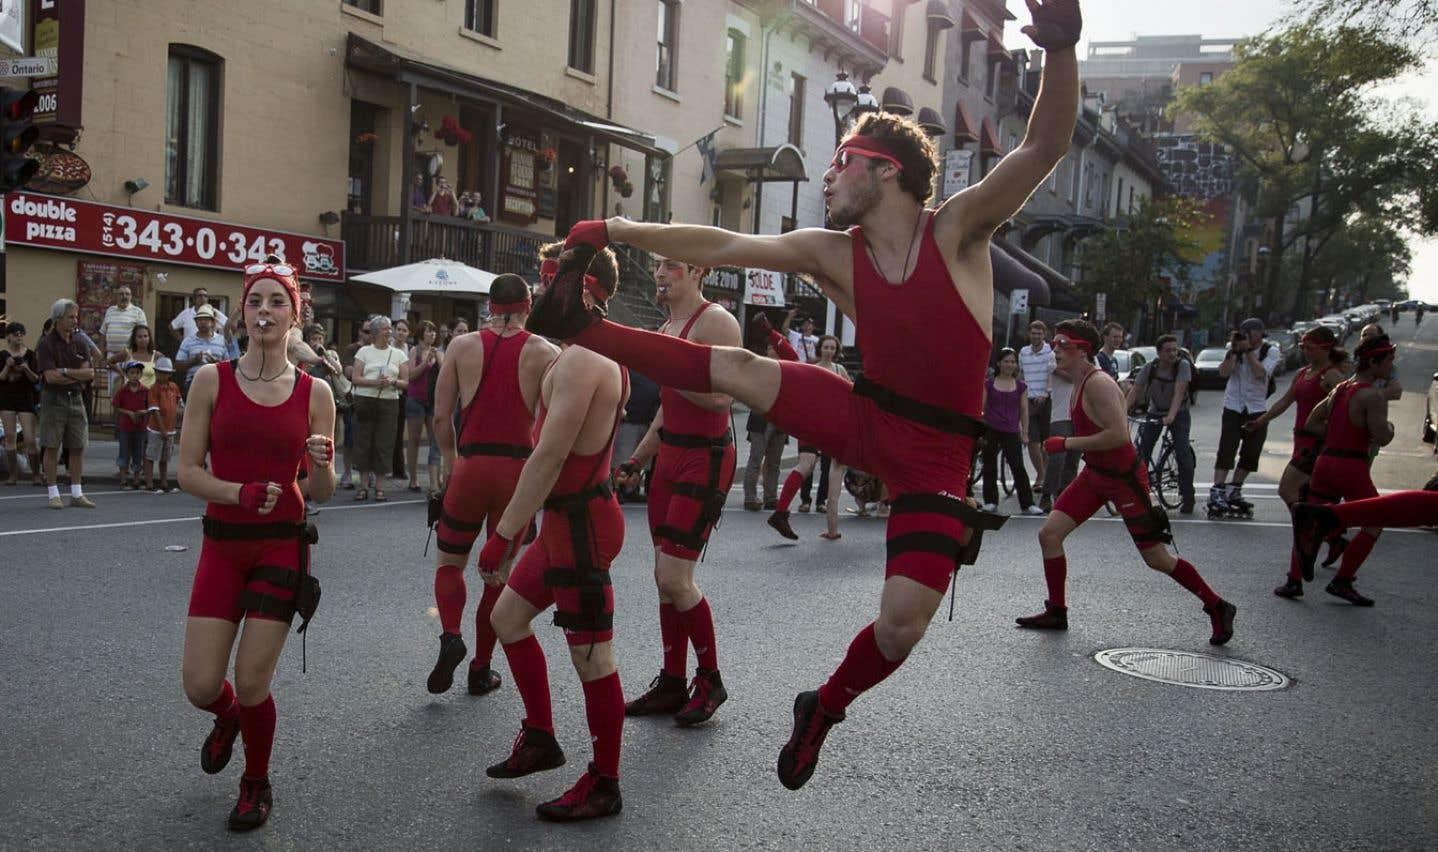 Montréal complètement cirque, une célébration populaire des arts du cirque, en était à sa quatrième édition en 2013. Chapeau au créateur de l'événement festif, la TOHU, qui célèbre sa 10eannée d'existence.